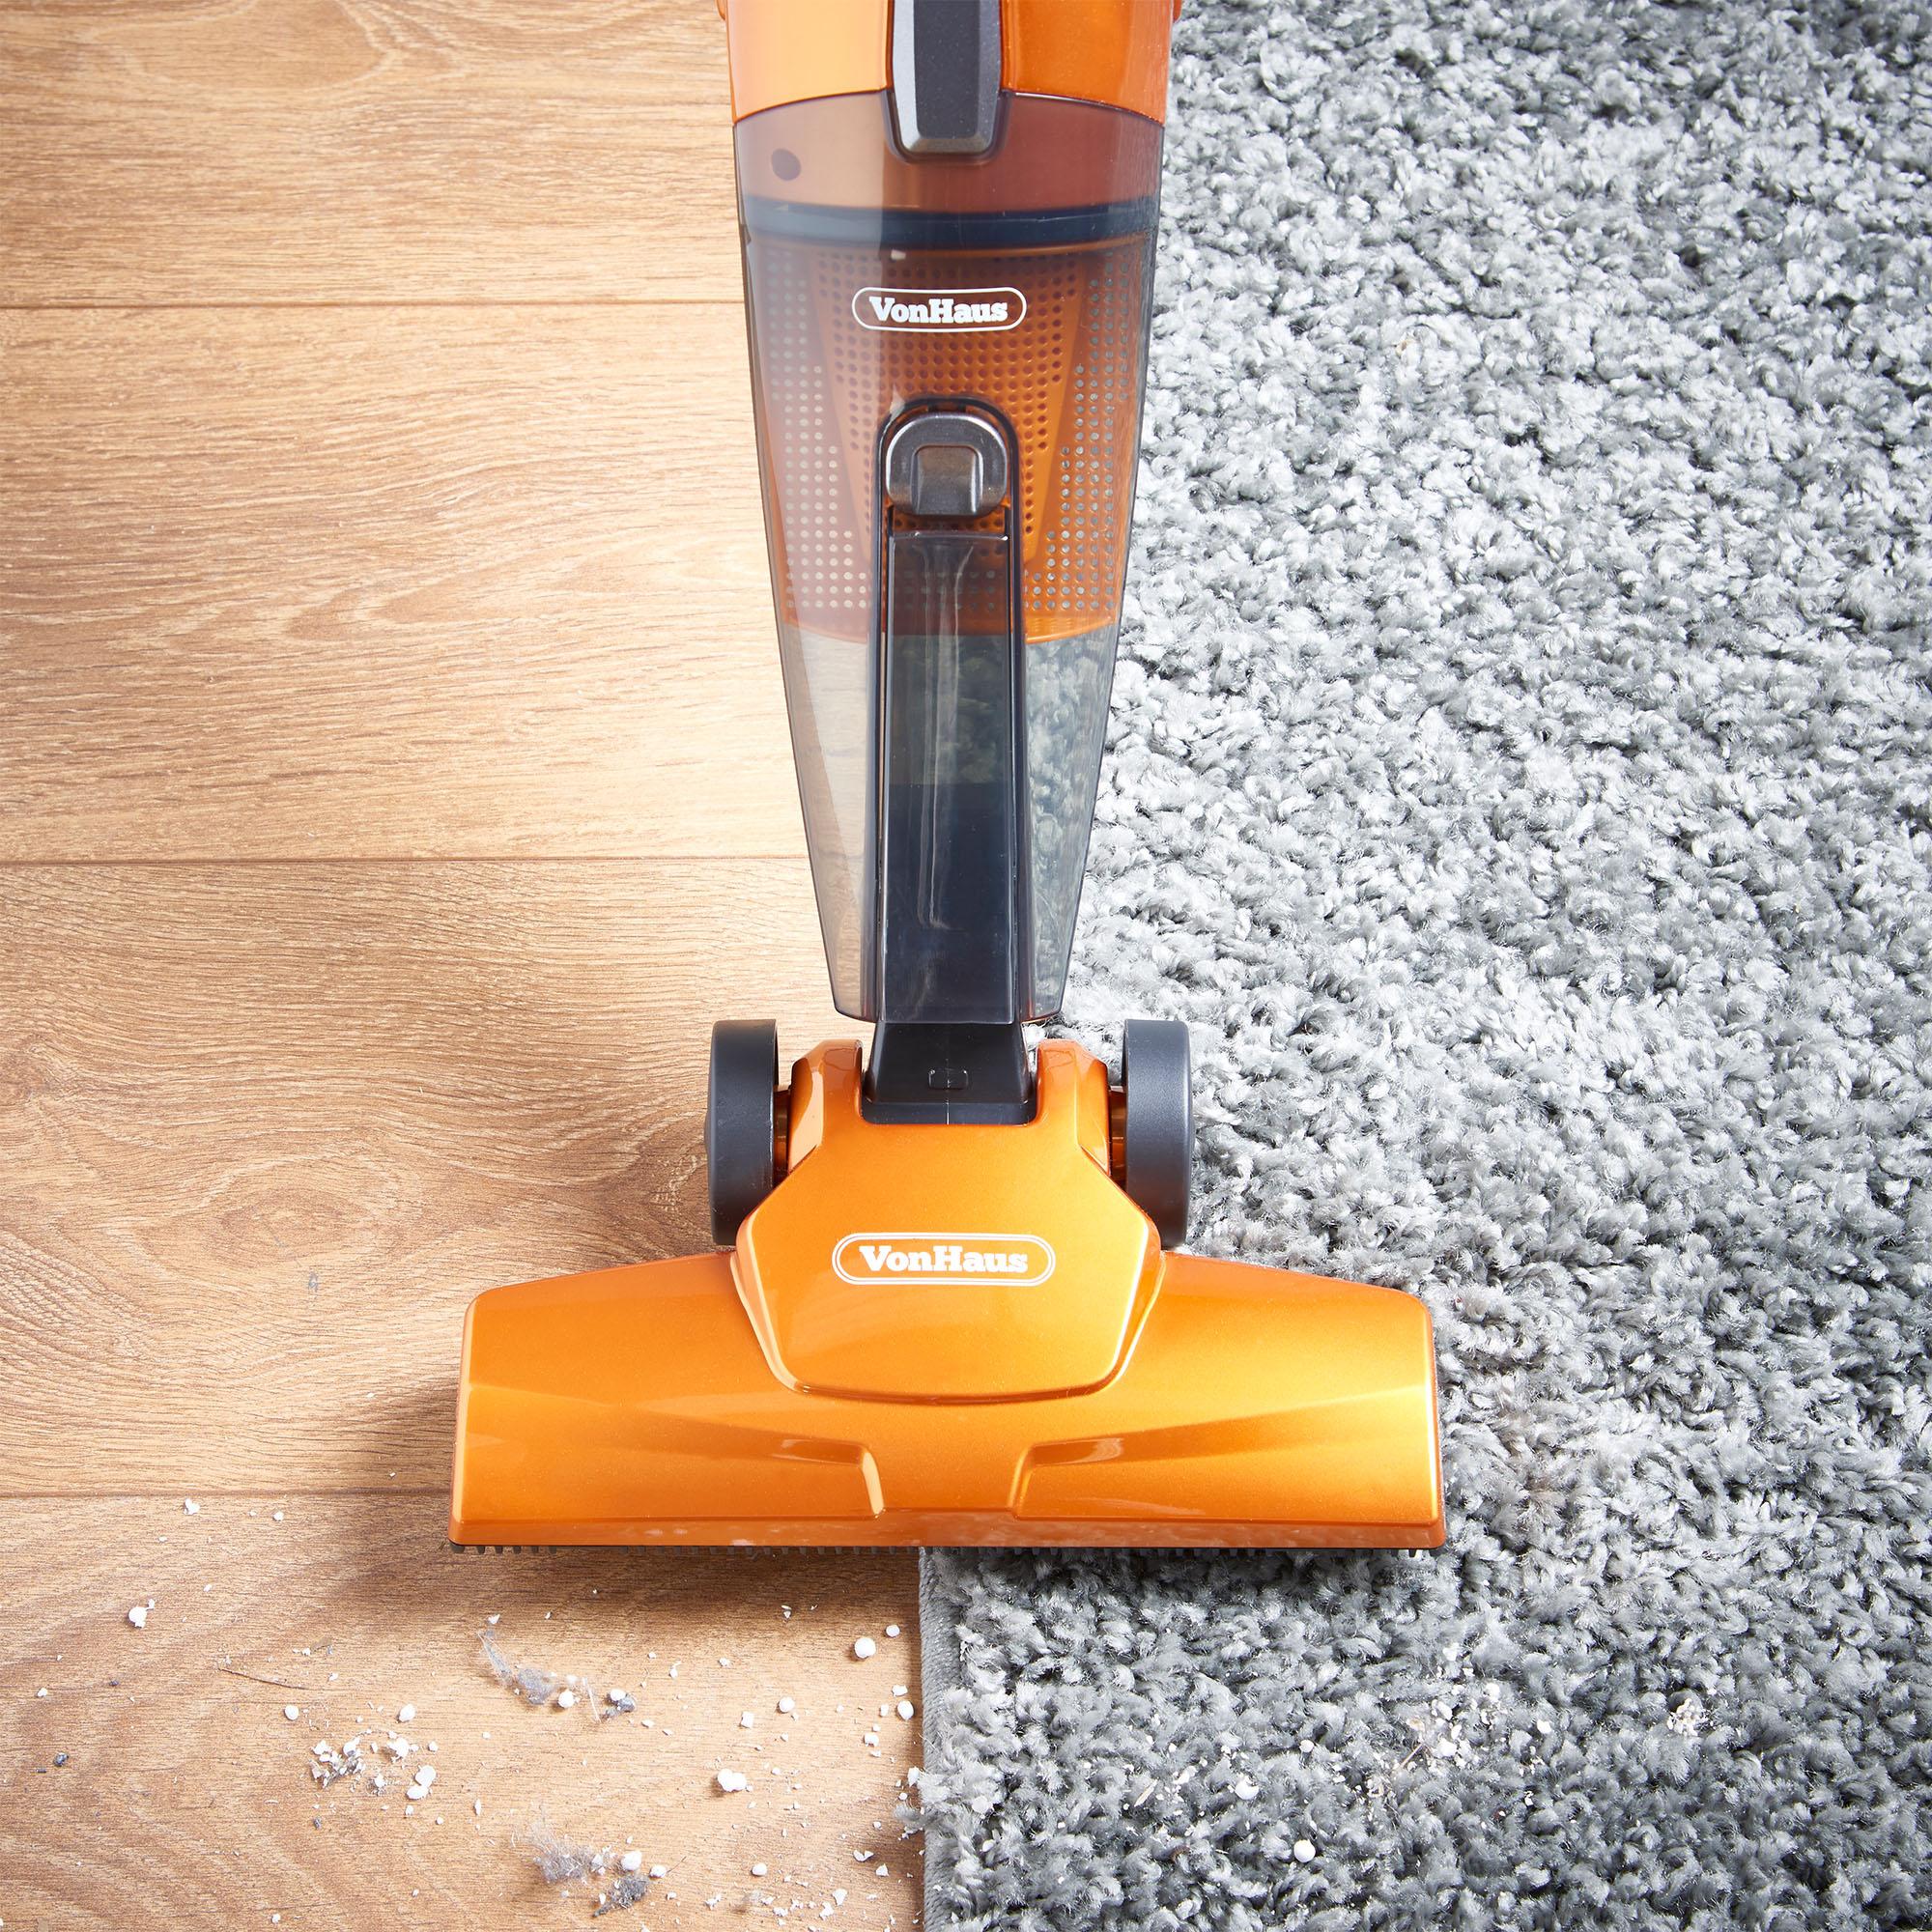 Vonhaus Orange 600w 2 In 1 Corded Upright Stick Handheld